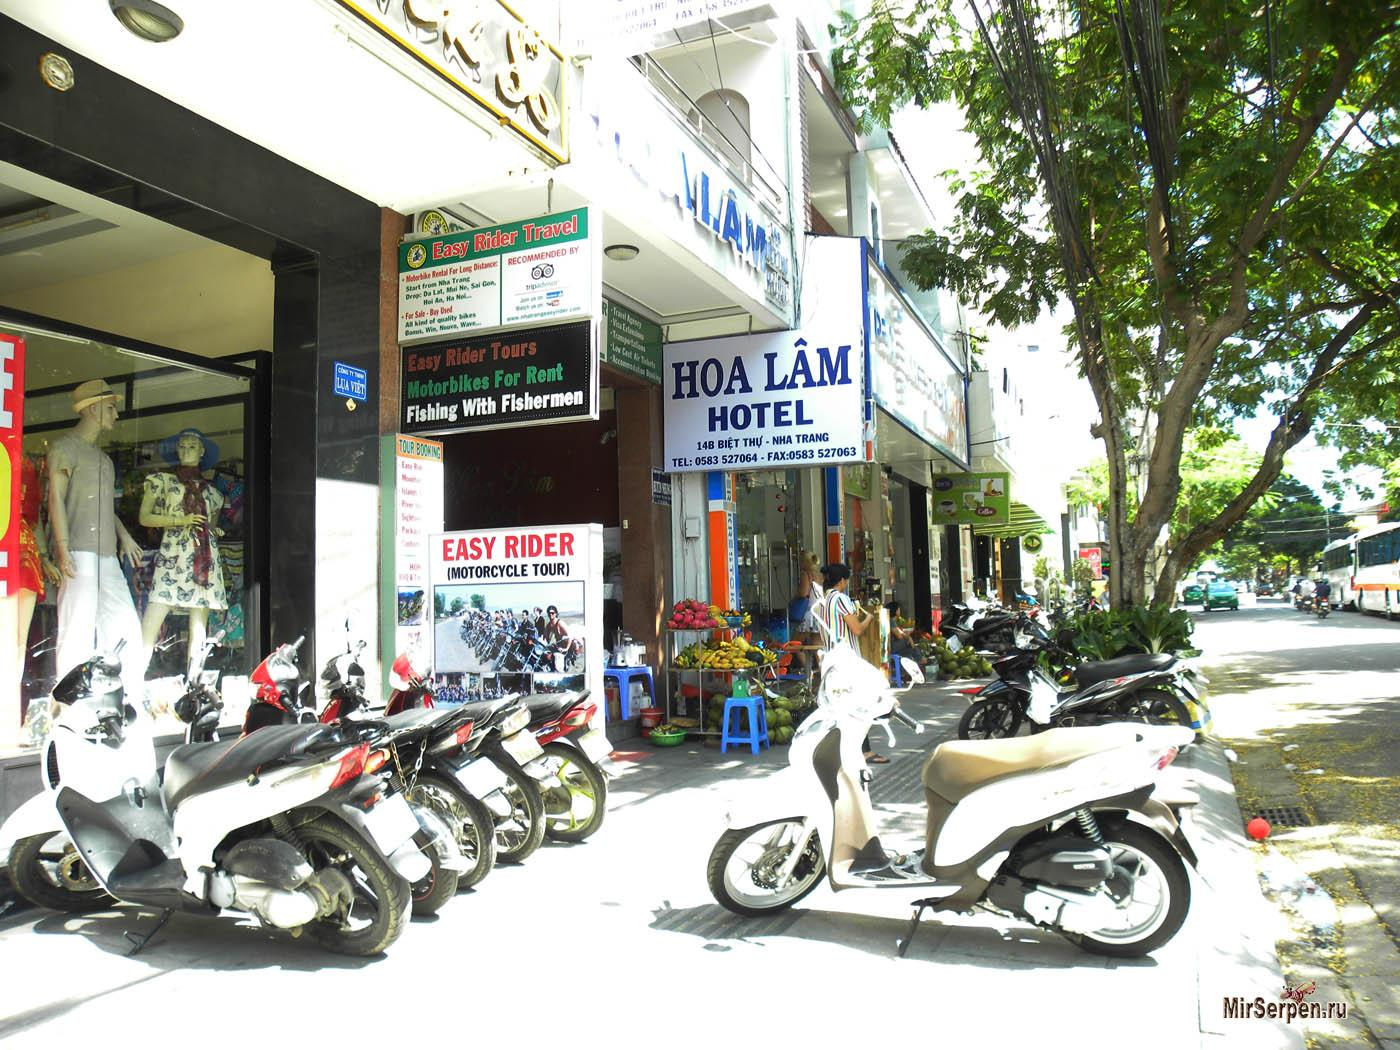 Уровень отеля 2 звезды во Вьетнаме - стоит ли бояться?